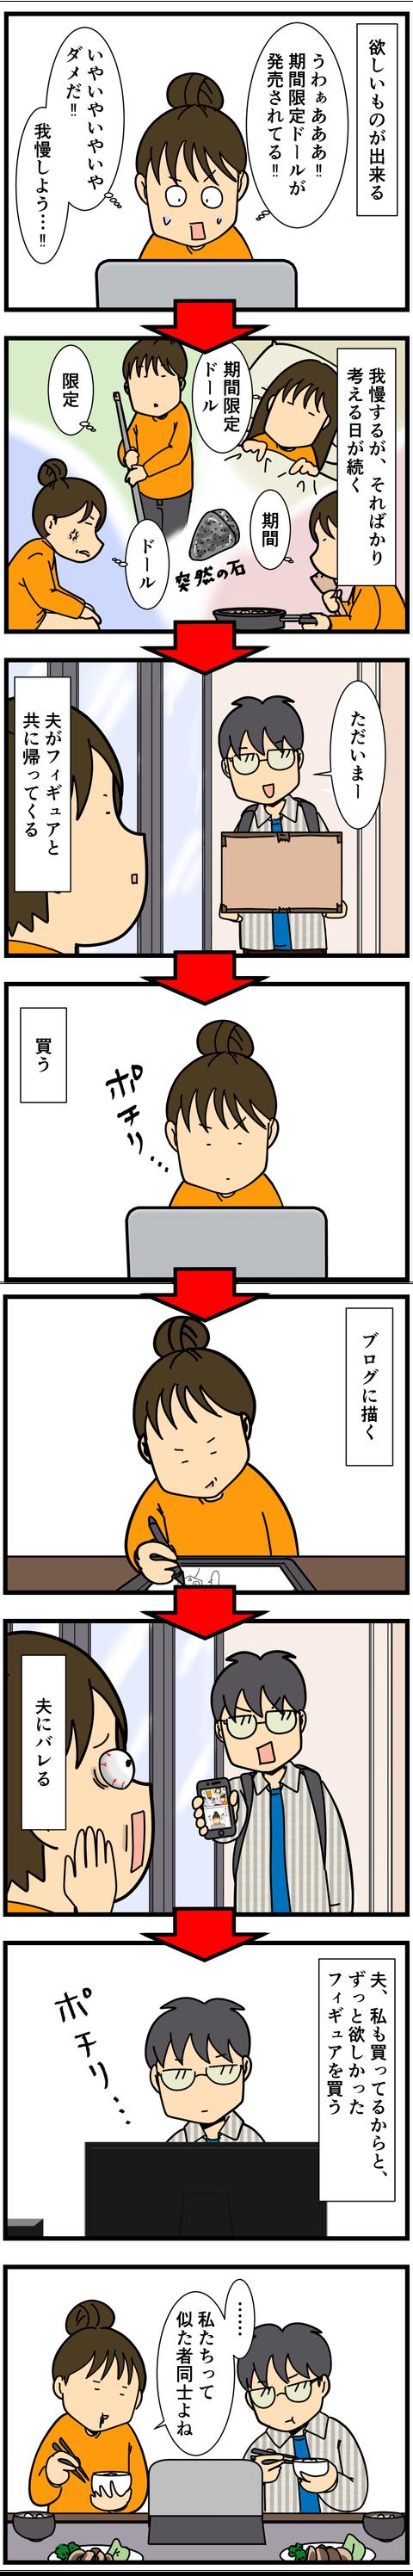 煮たもの同士 -32)